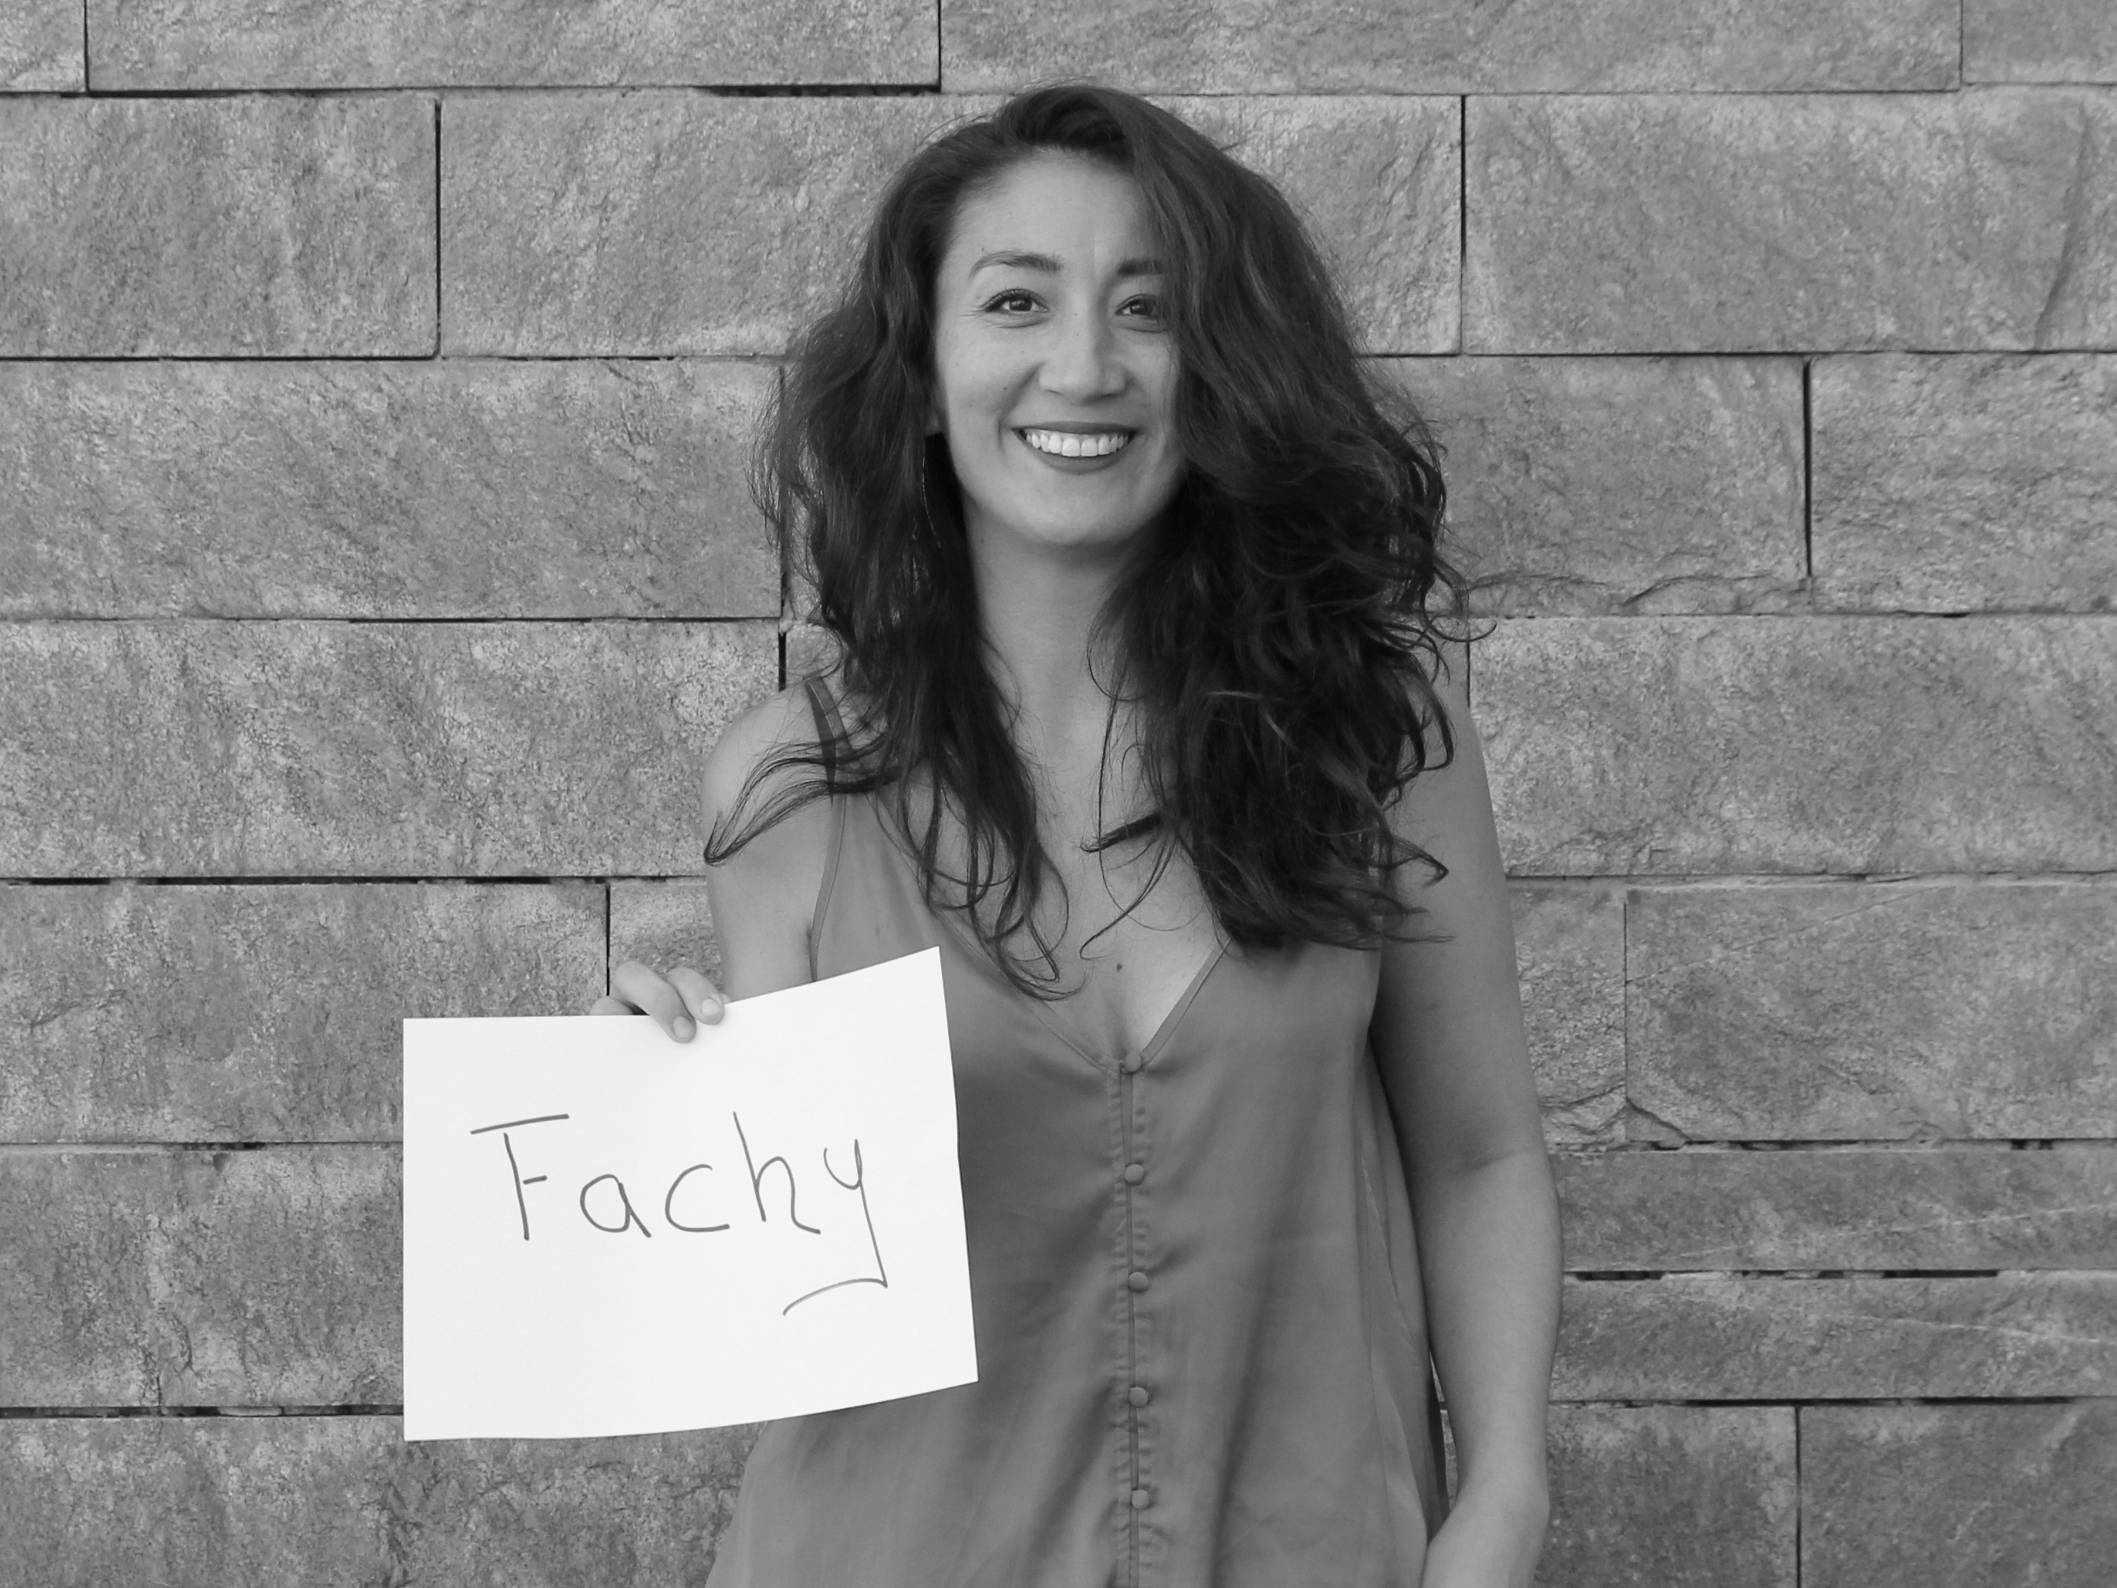 Fachy, Fellow 2018